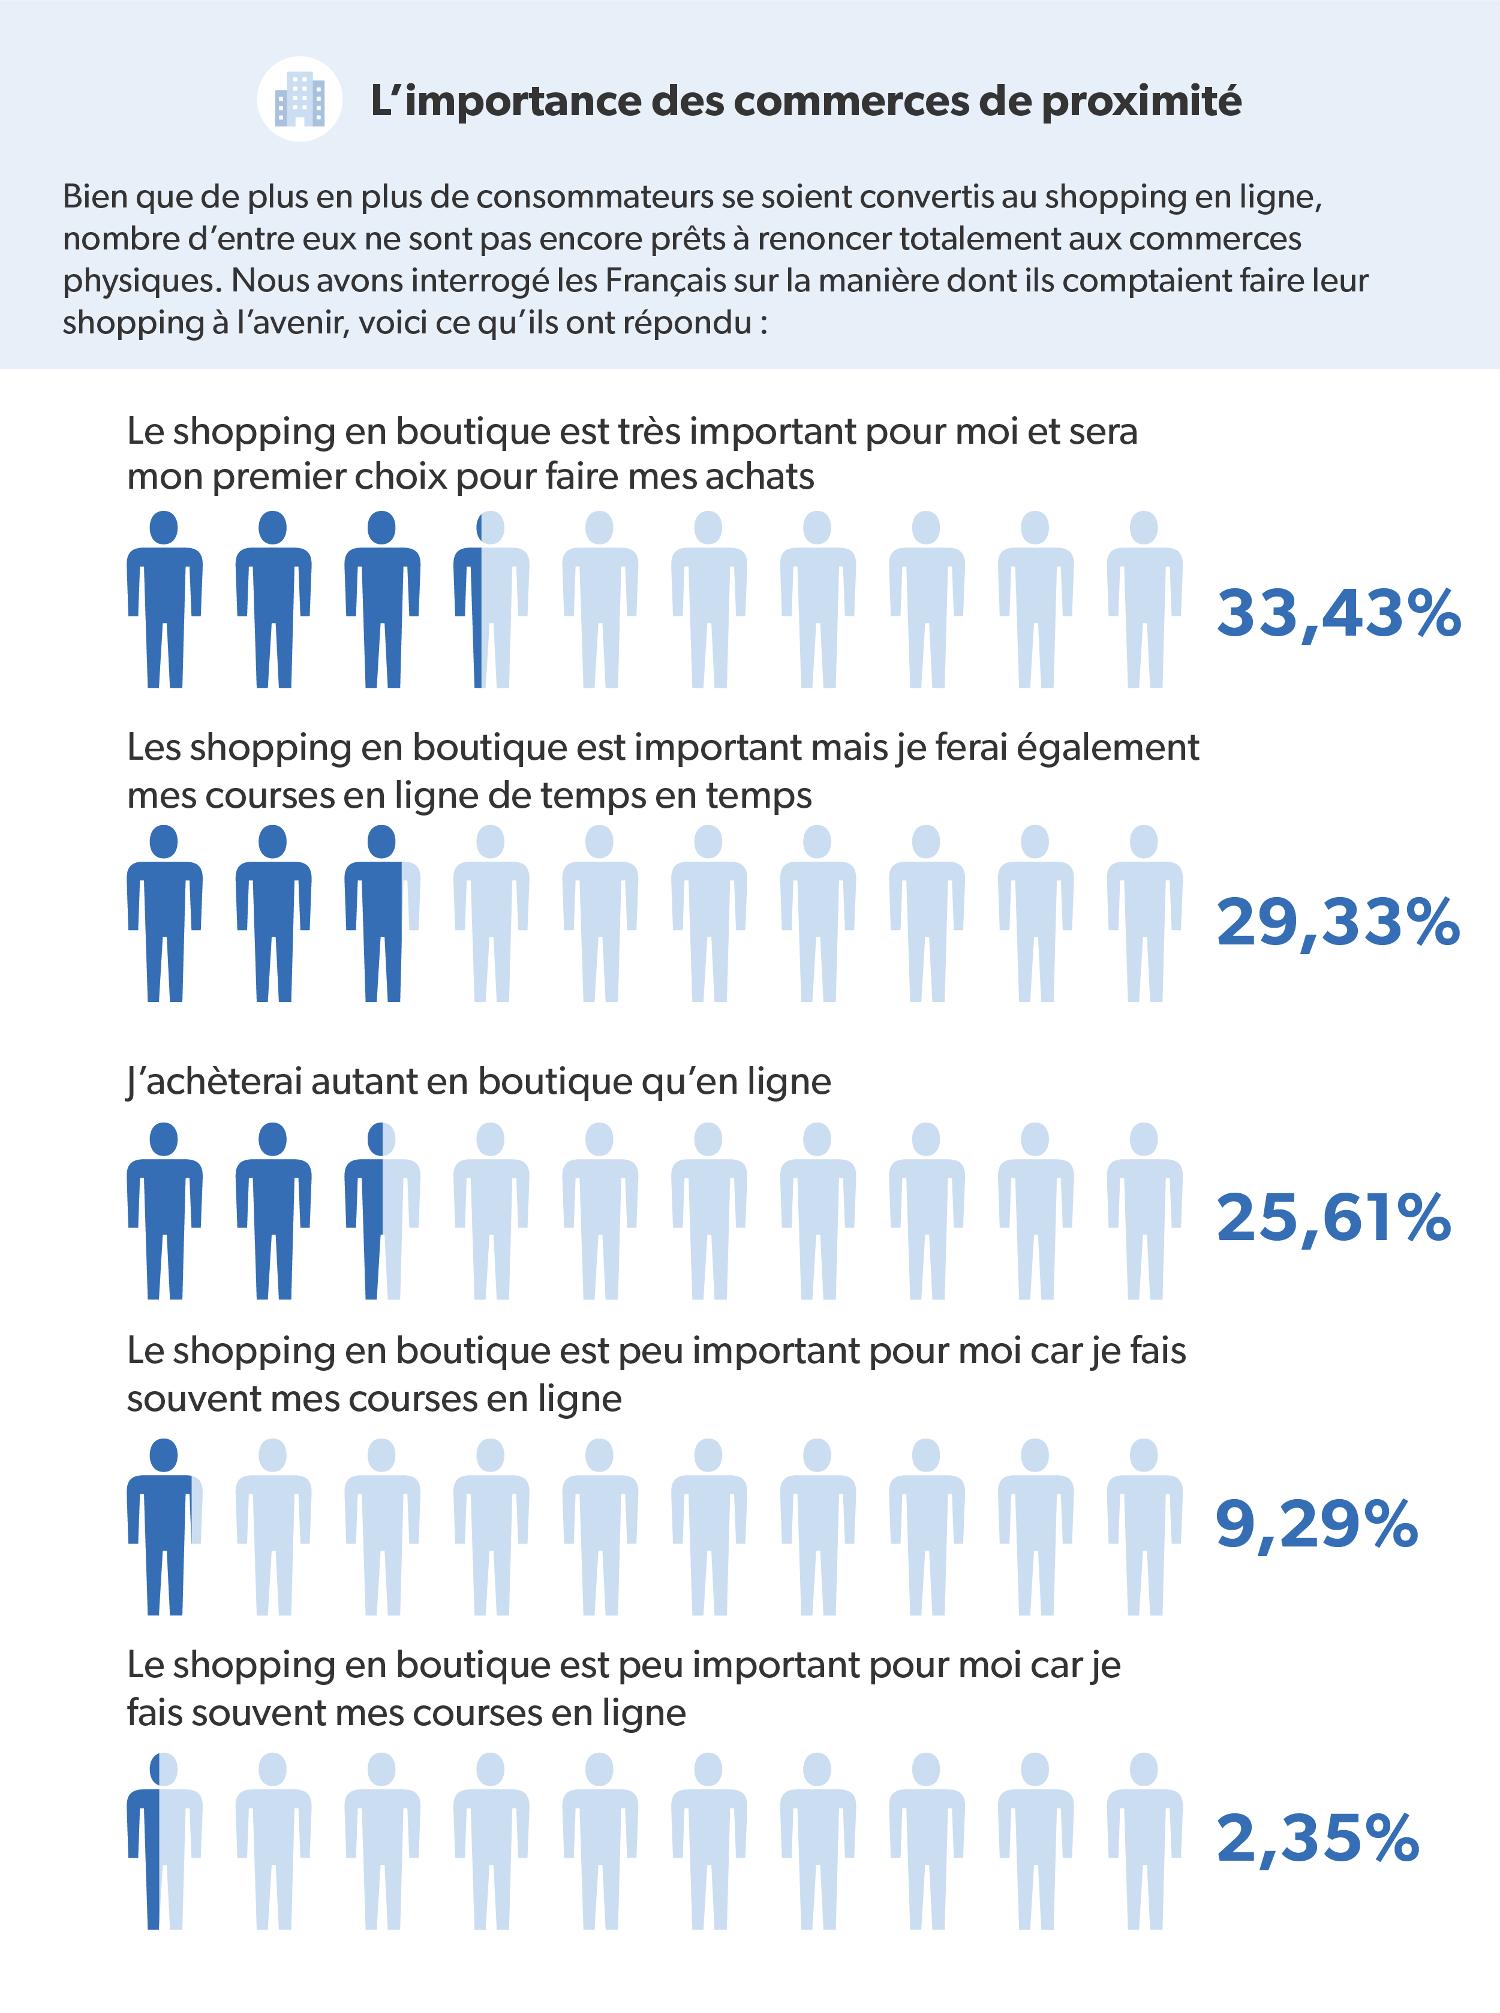 Infographie présentant la fréquence à laquelle les Français font leurs achats en ligne